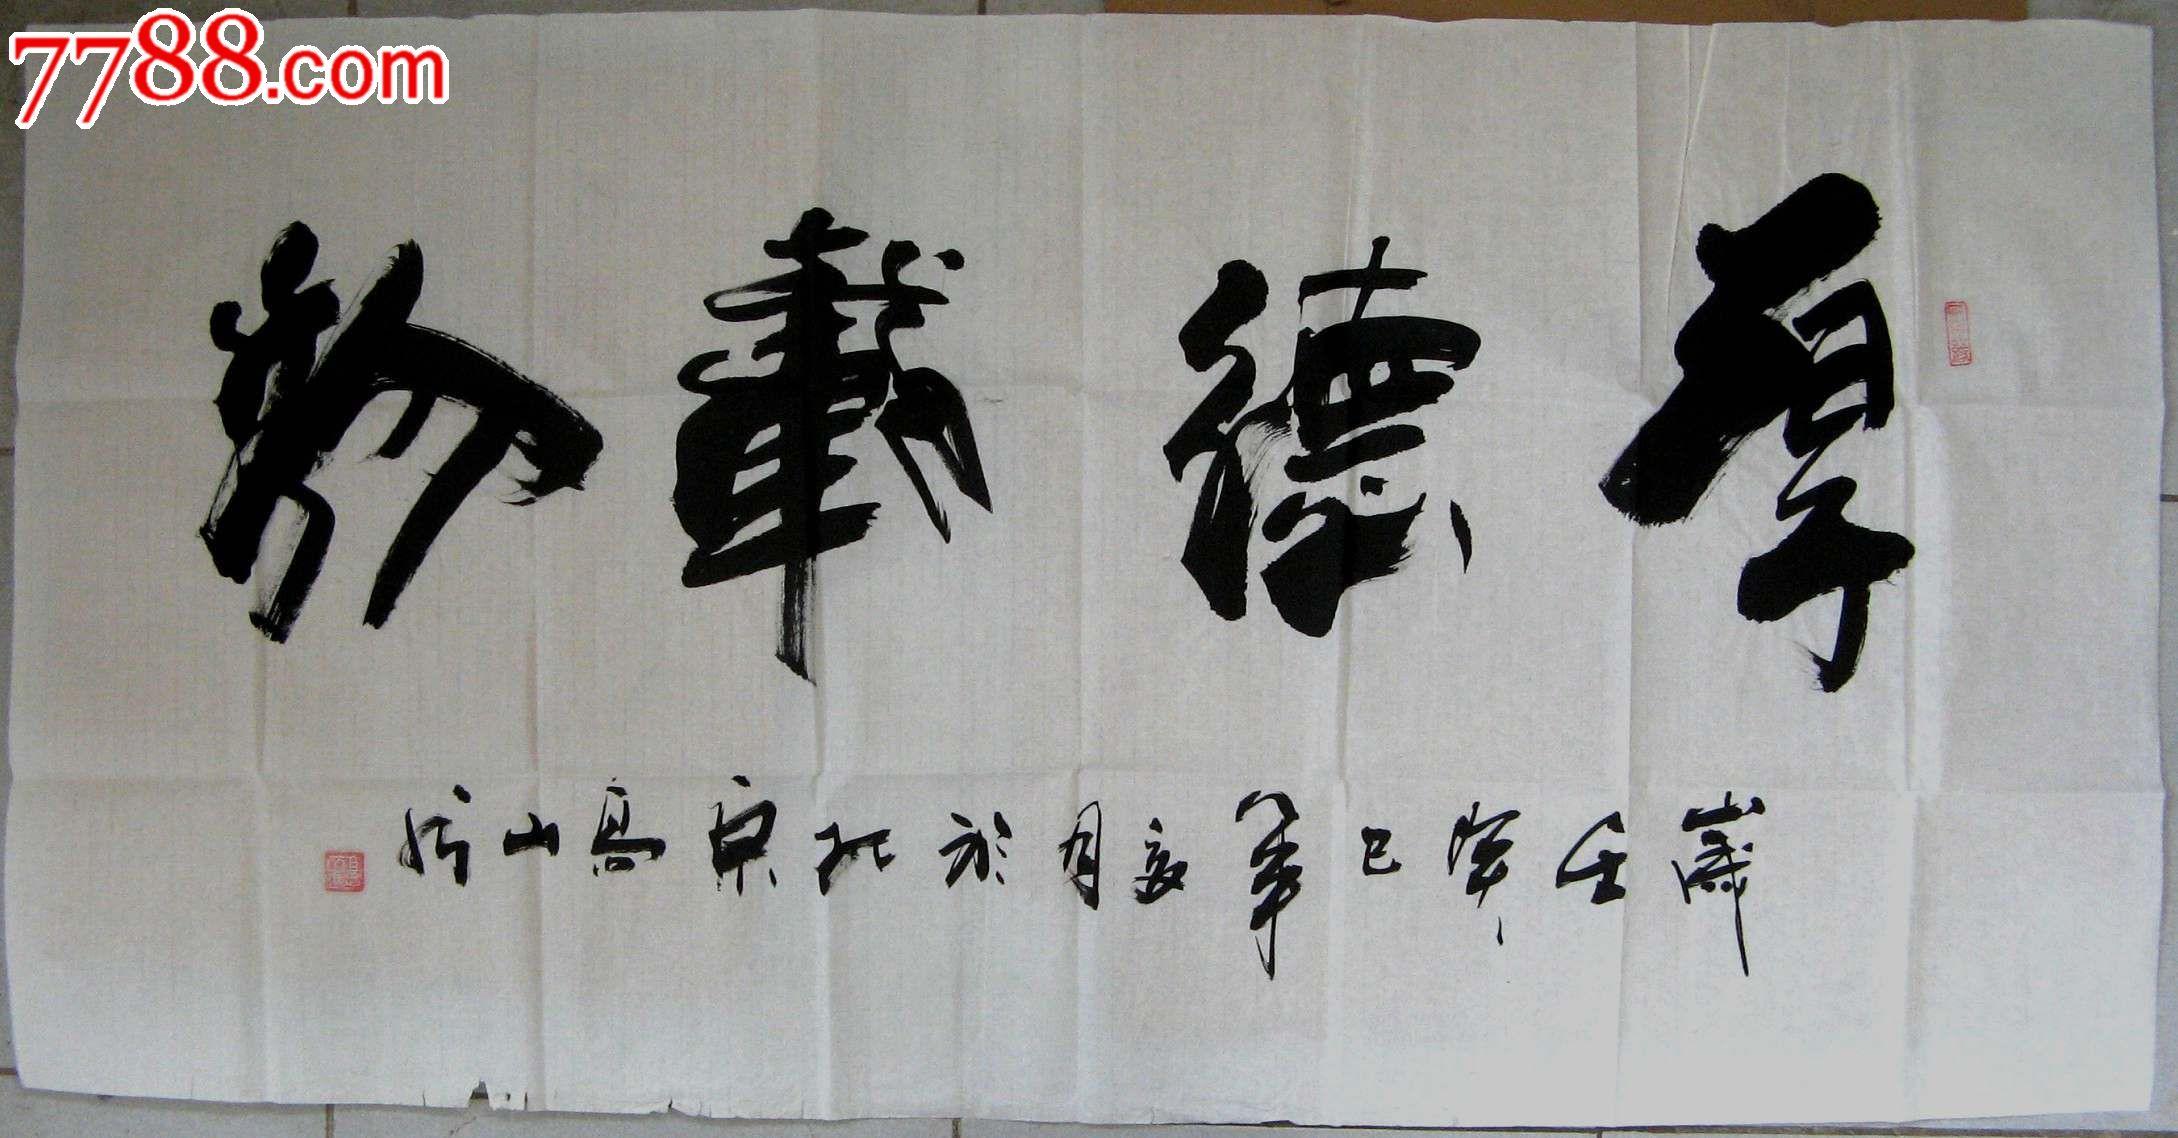 中华书画家协会主席苍劲宏达的四尺图片